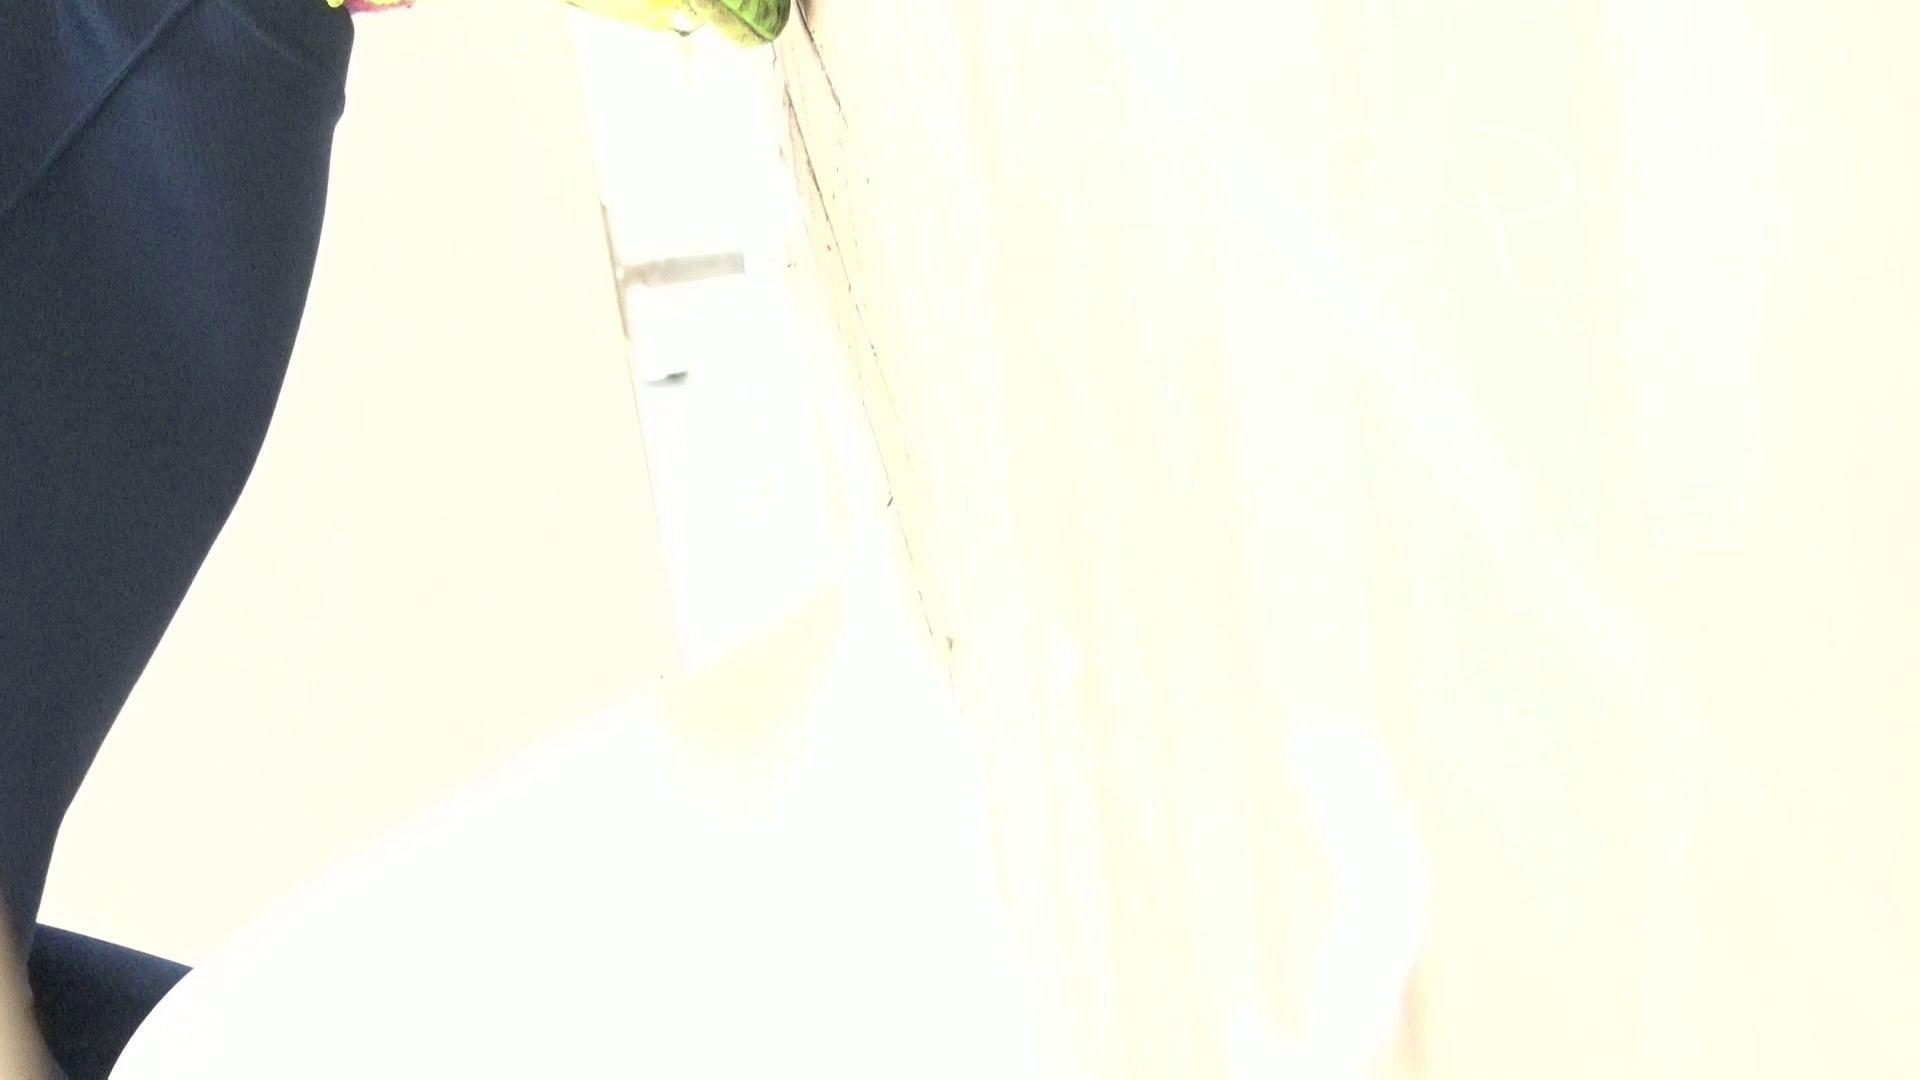 ▲期間限定D▲至高洗面所盗撮 23 至高下方撮りちょいと2カメ!! 高画質 ぱこり動画紹介 81枚 61